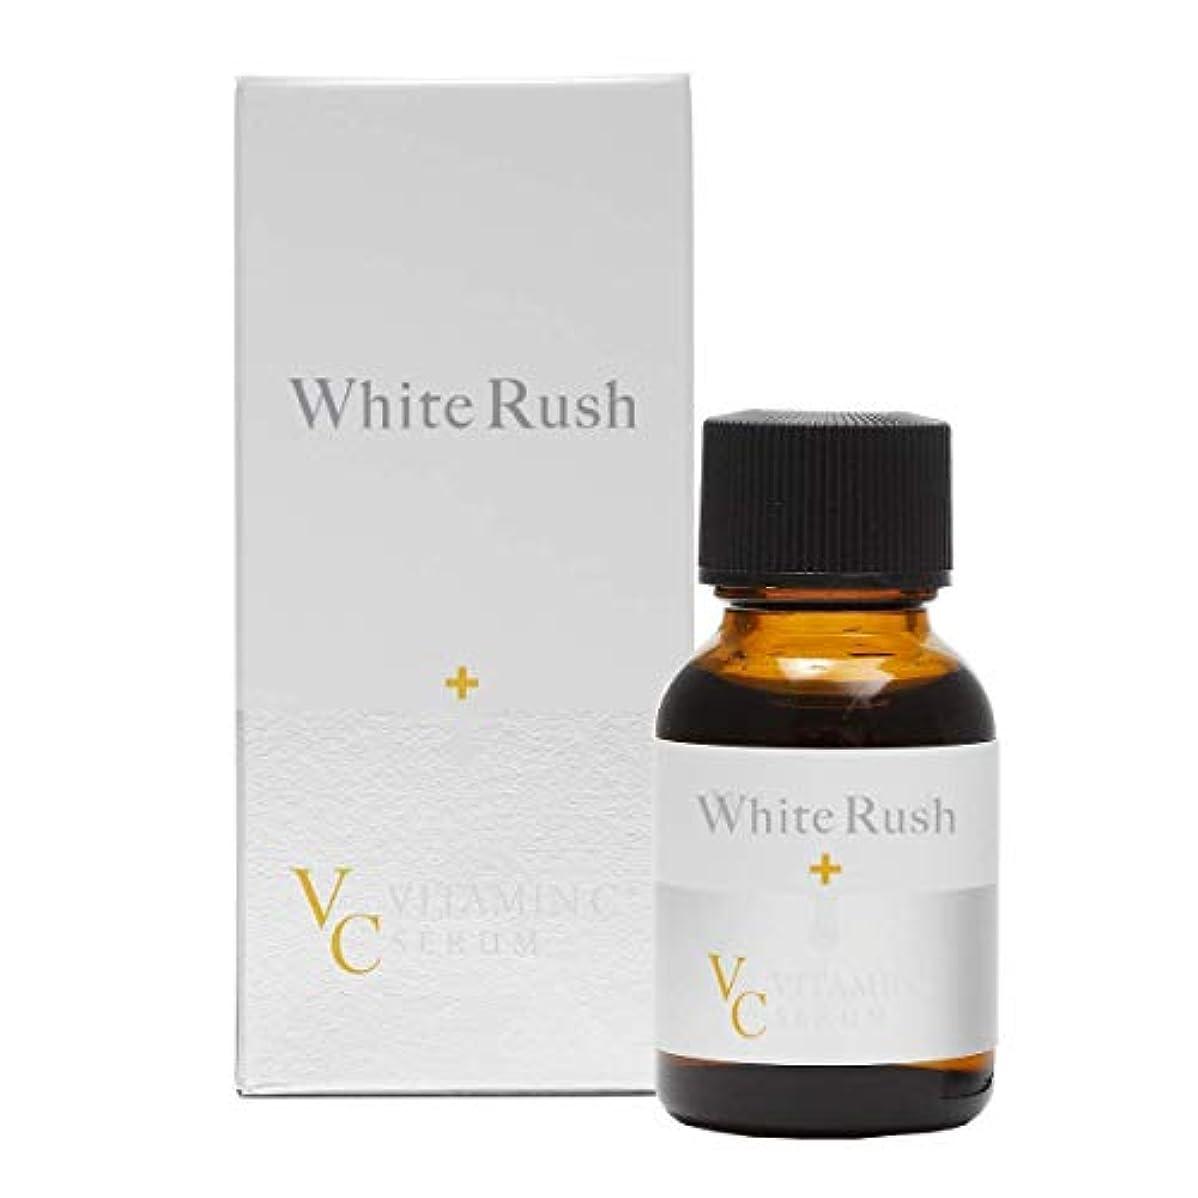 不屈非難するセールスマン【高濃度ビタミンC誘導体30%】White Rush VC ビタミンCセラム 18ml(18g)